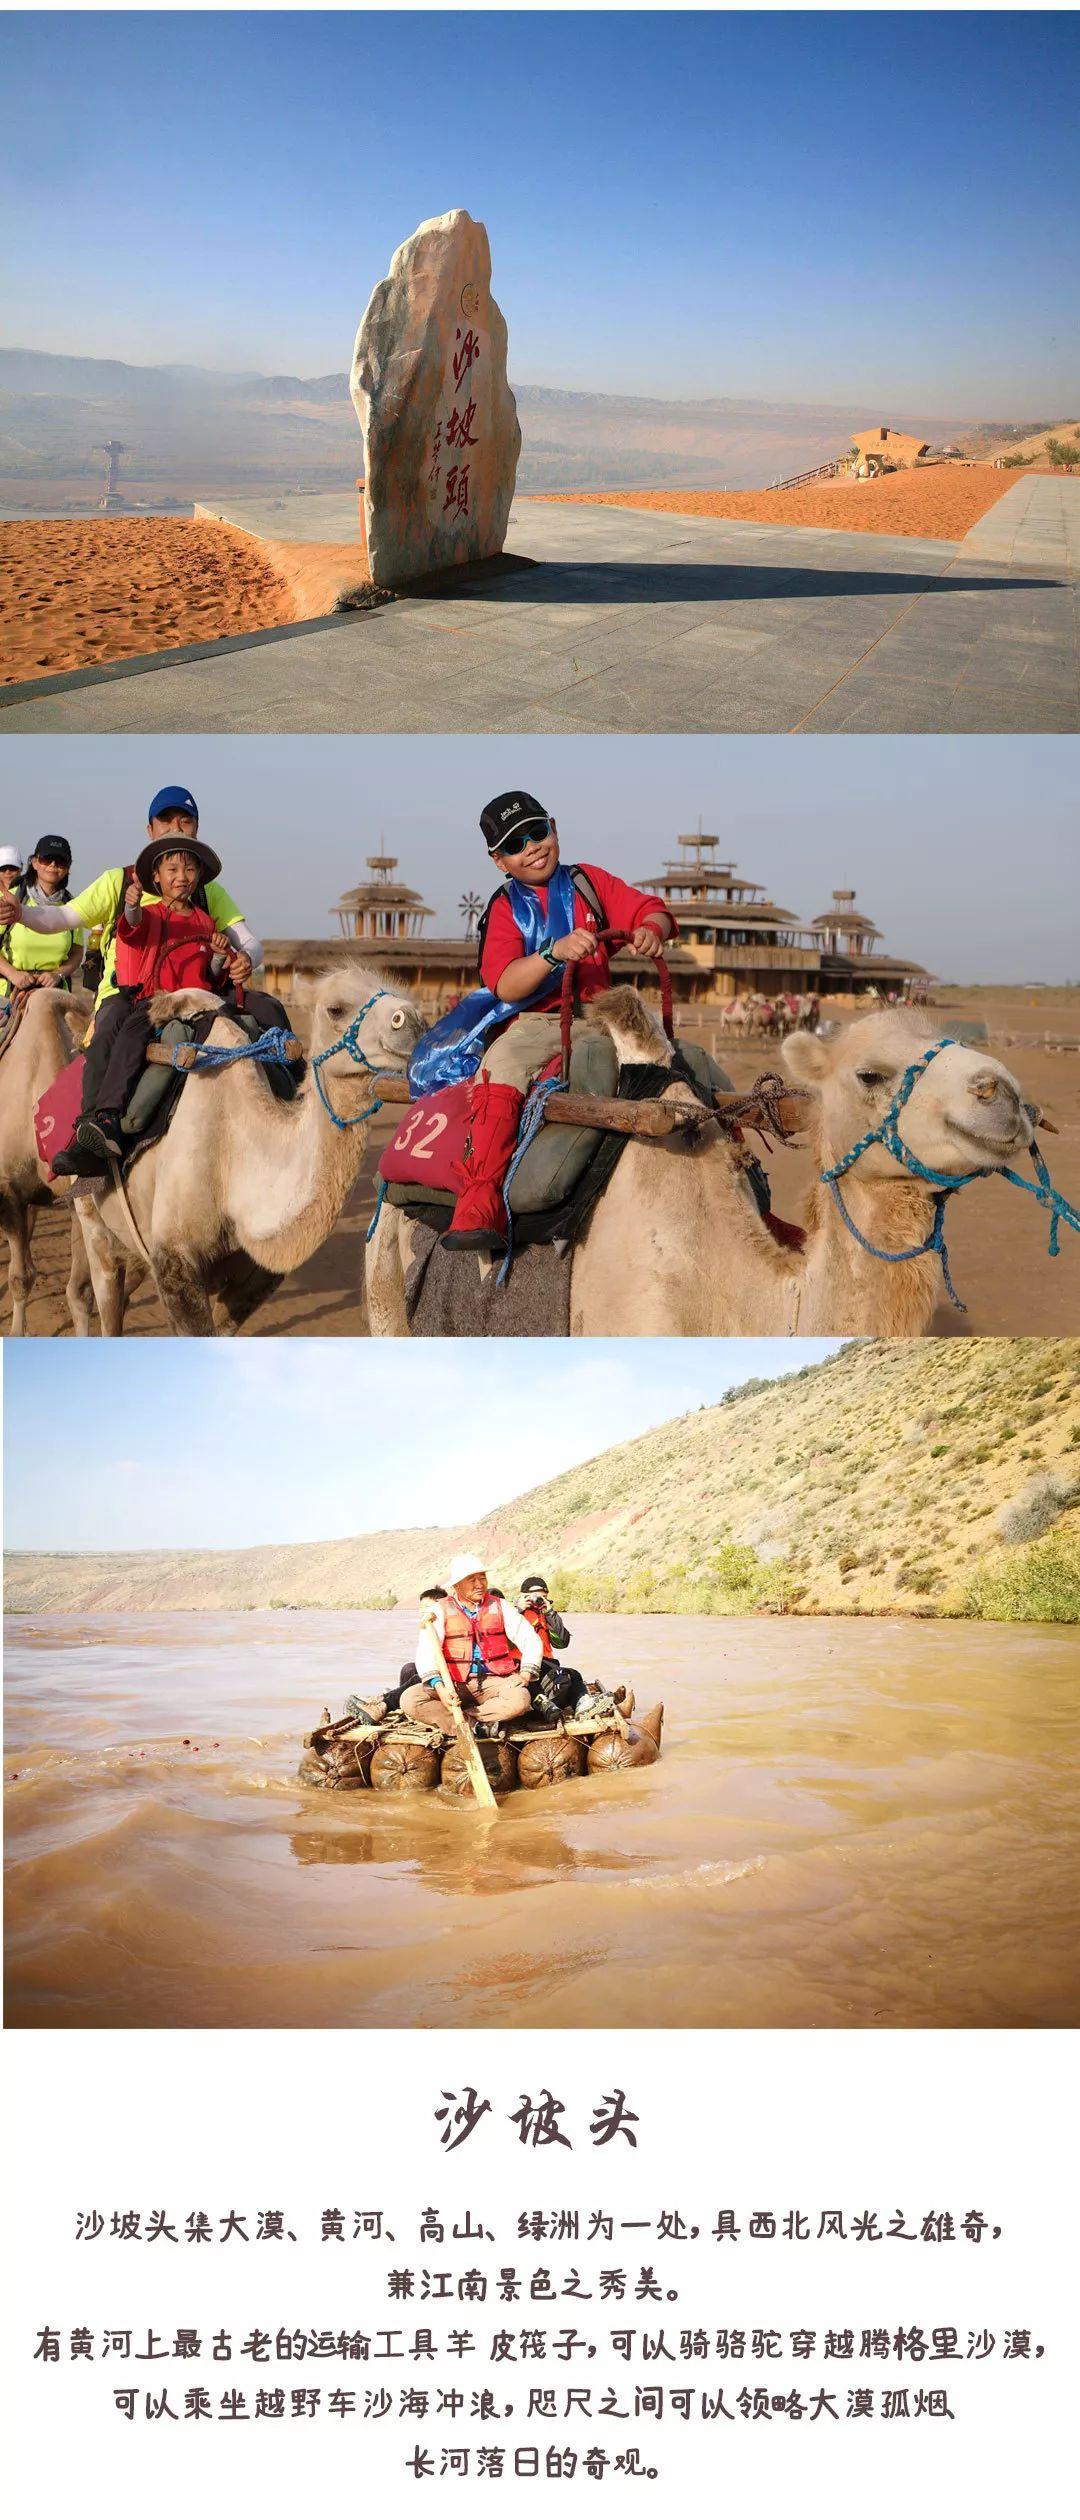 (9)宁夏&腾格里沙漠2020年暑期亲子游-户外活动图-驼铃网